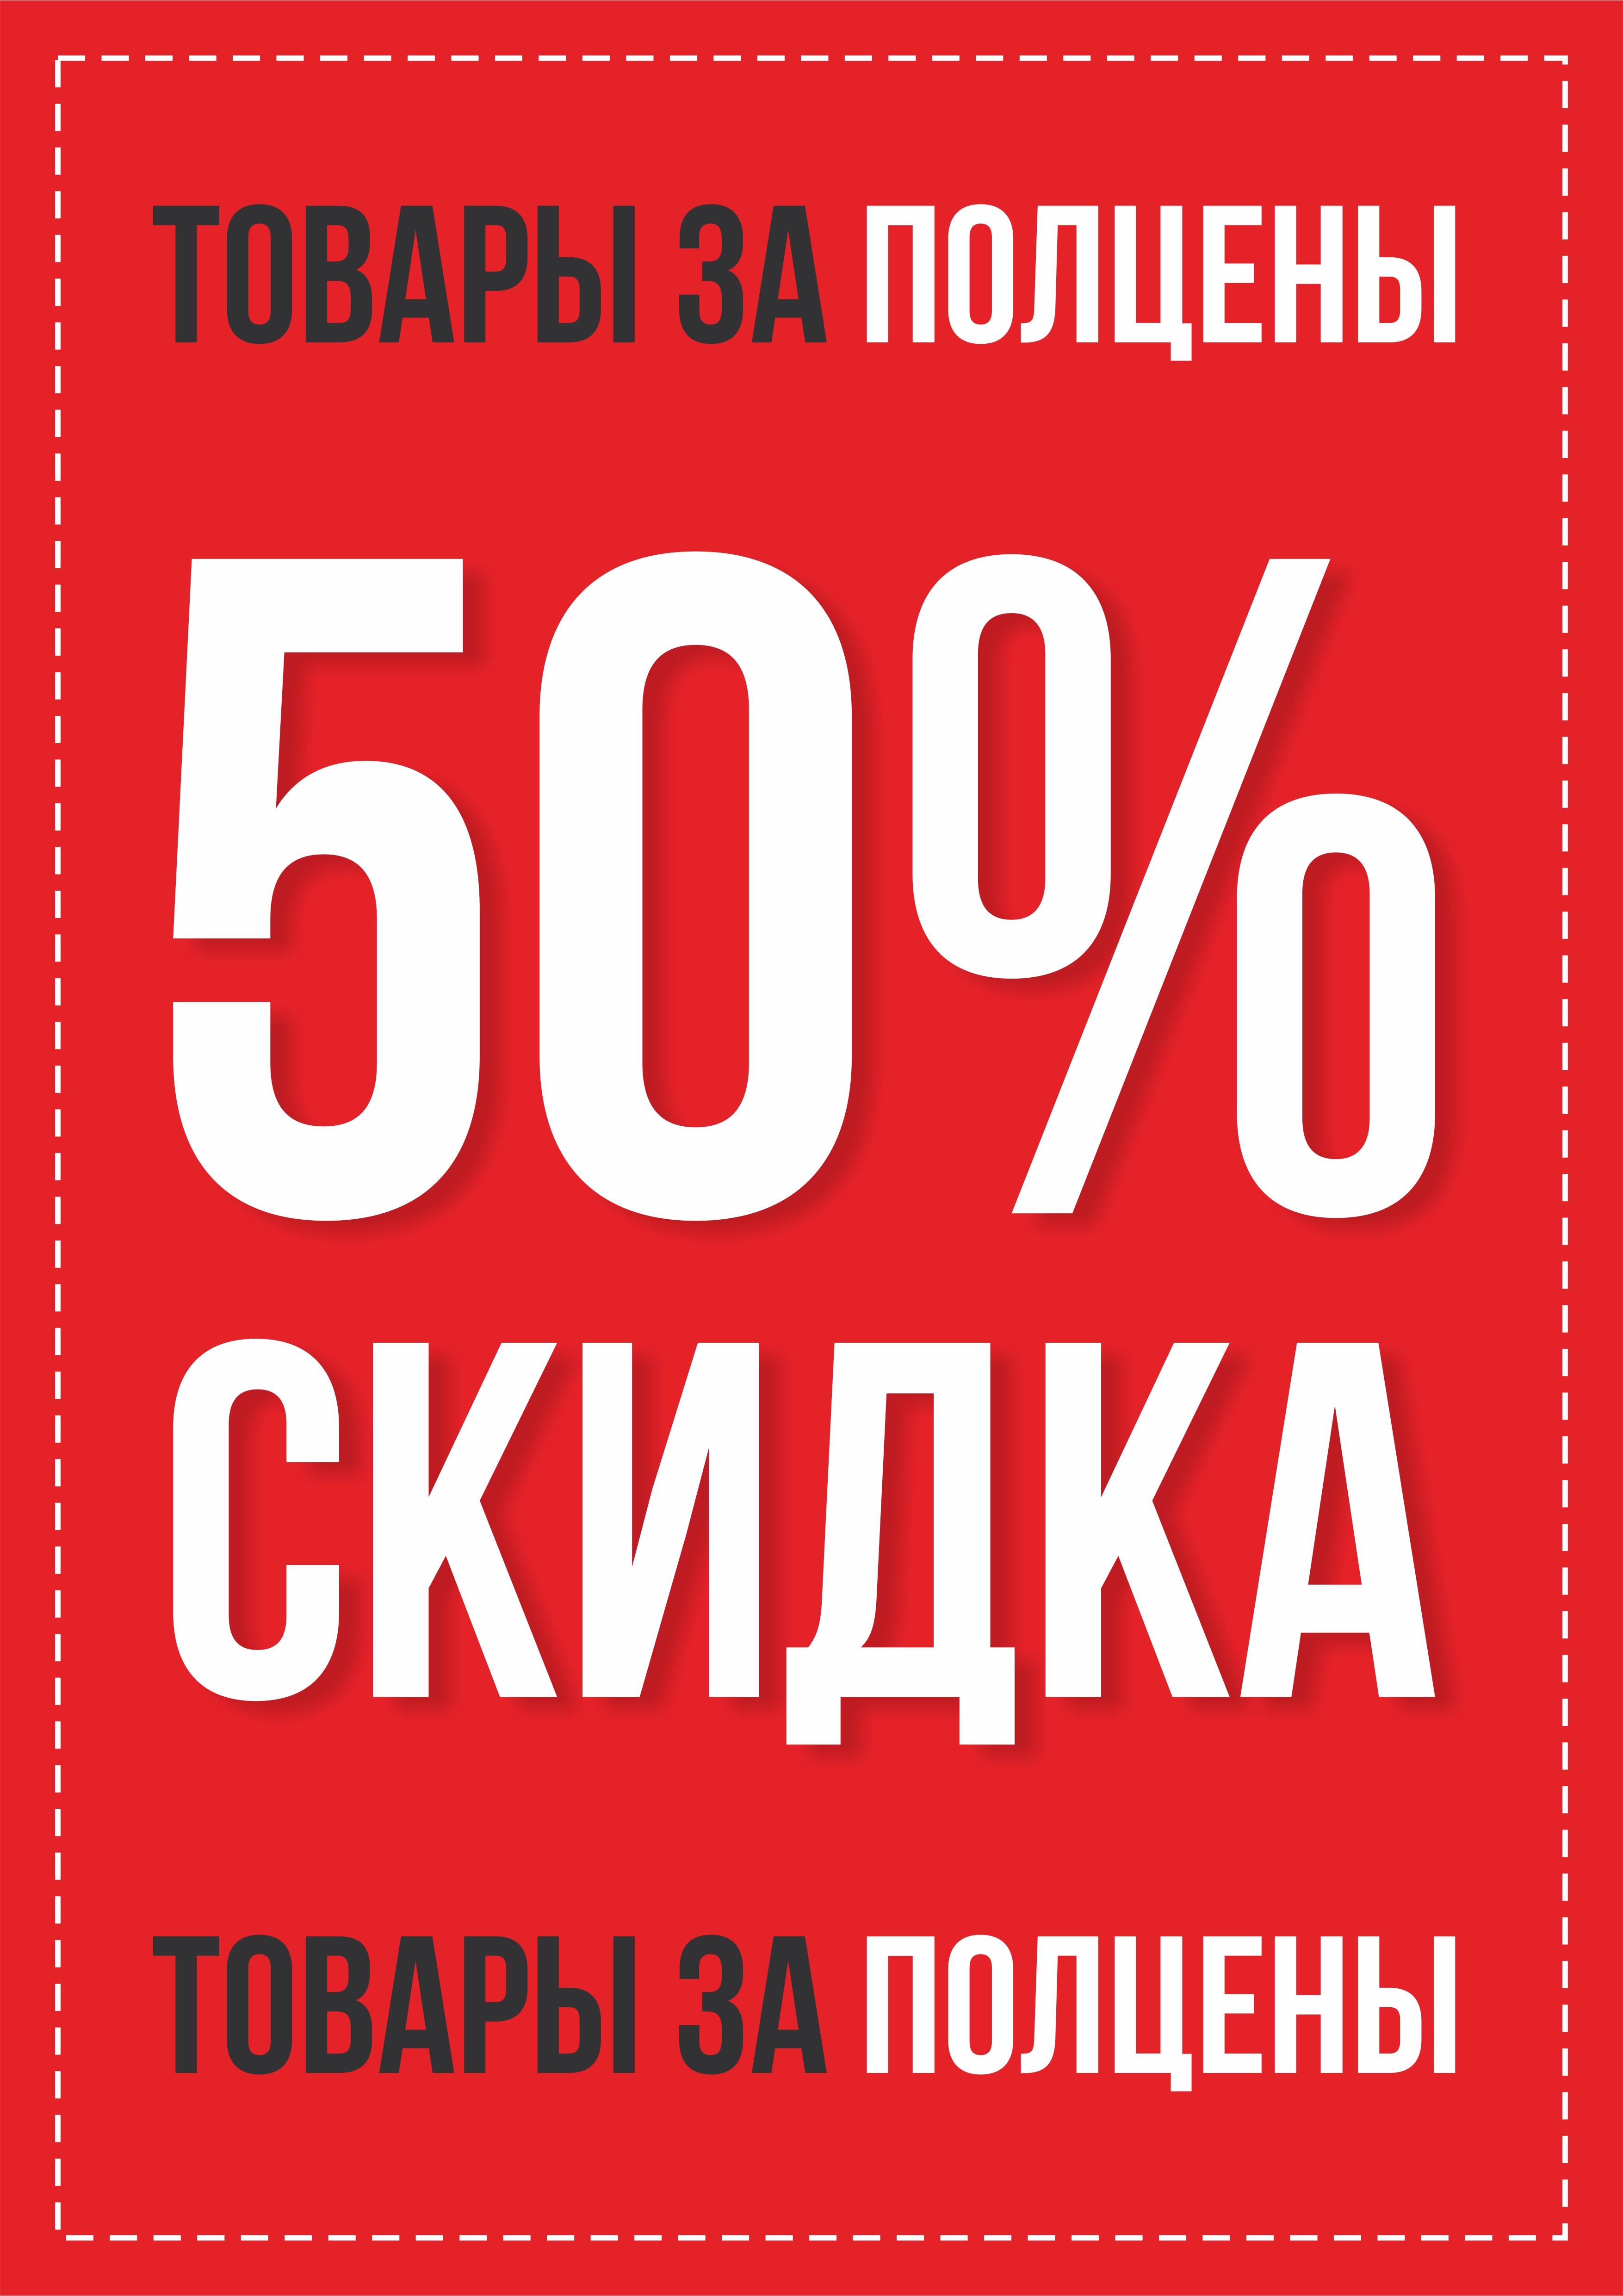 50% скидки, товары за полцены в магазинах